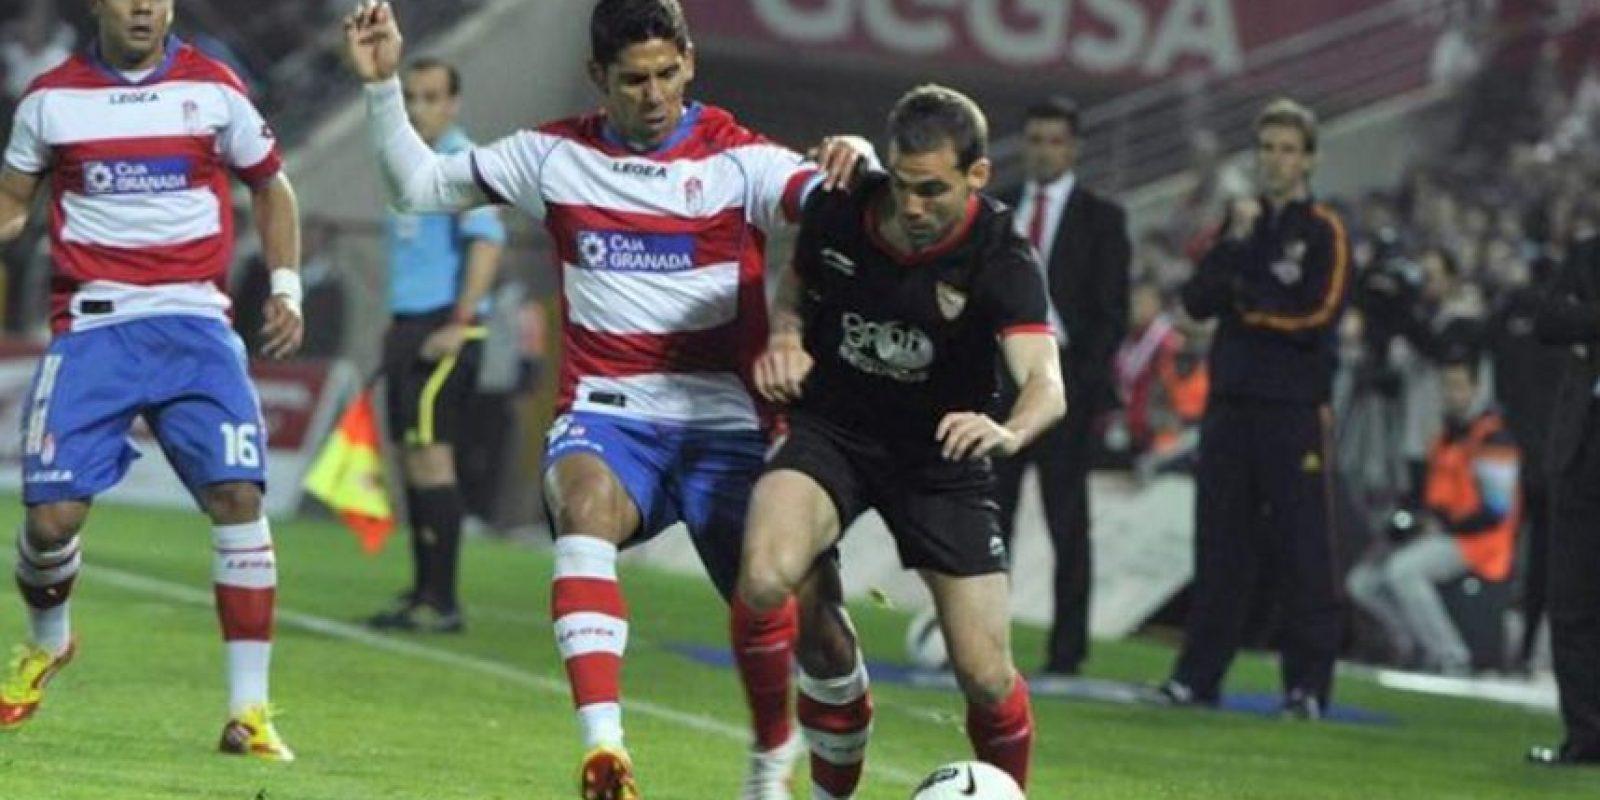 El delantero del Granada Franco Jara (c) pelea un balón con el delantero del Sevilla Alvaro Negredo (d), en su partido correspondiente a la trigésima jornada de liga en Primera División en el estadio de los Cármenes de la capital granadina. EFE